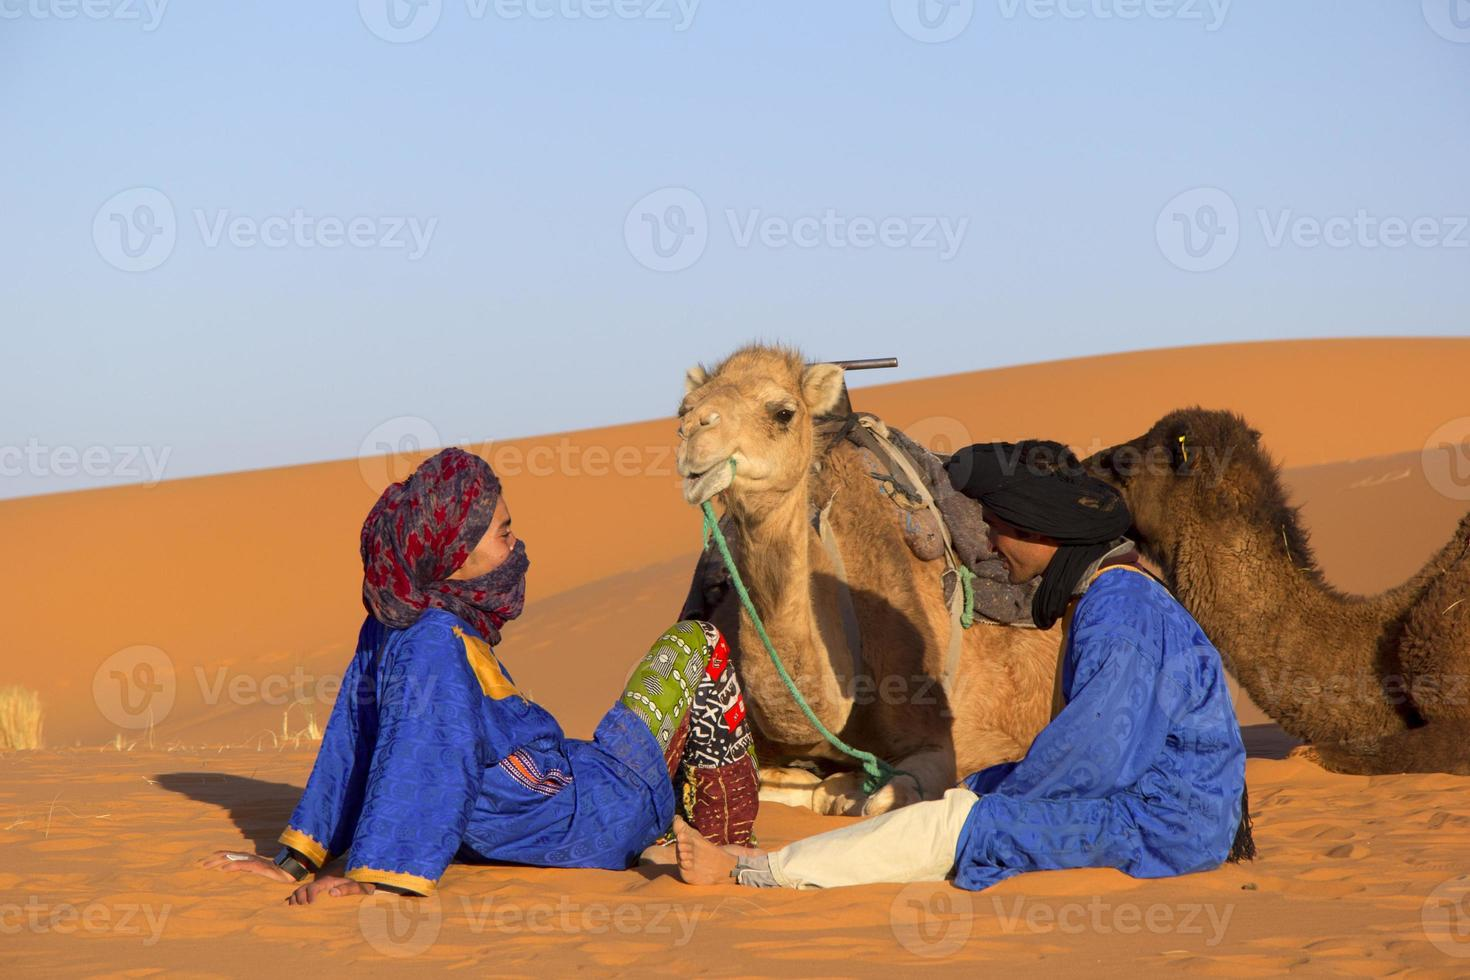 désert et bédouins photo